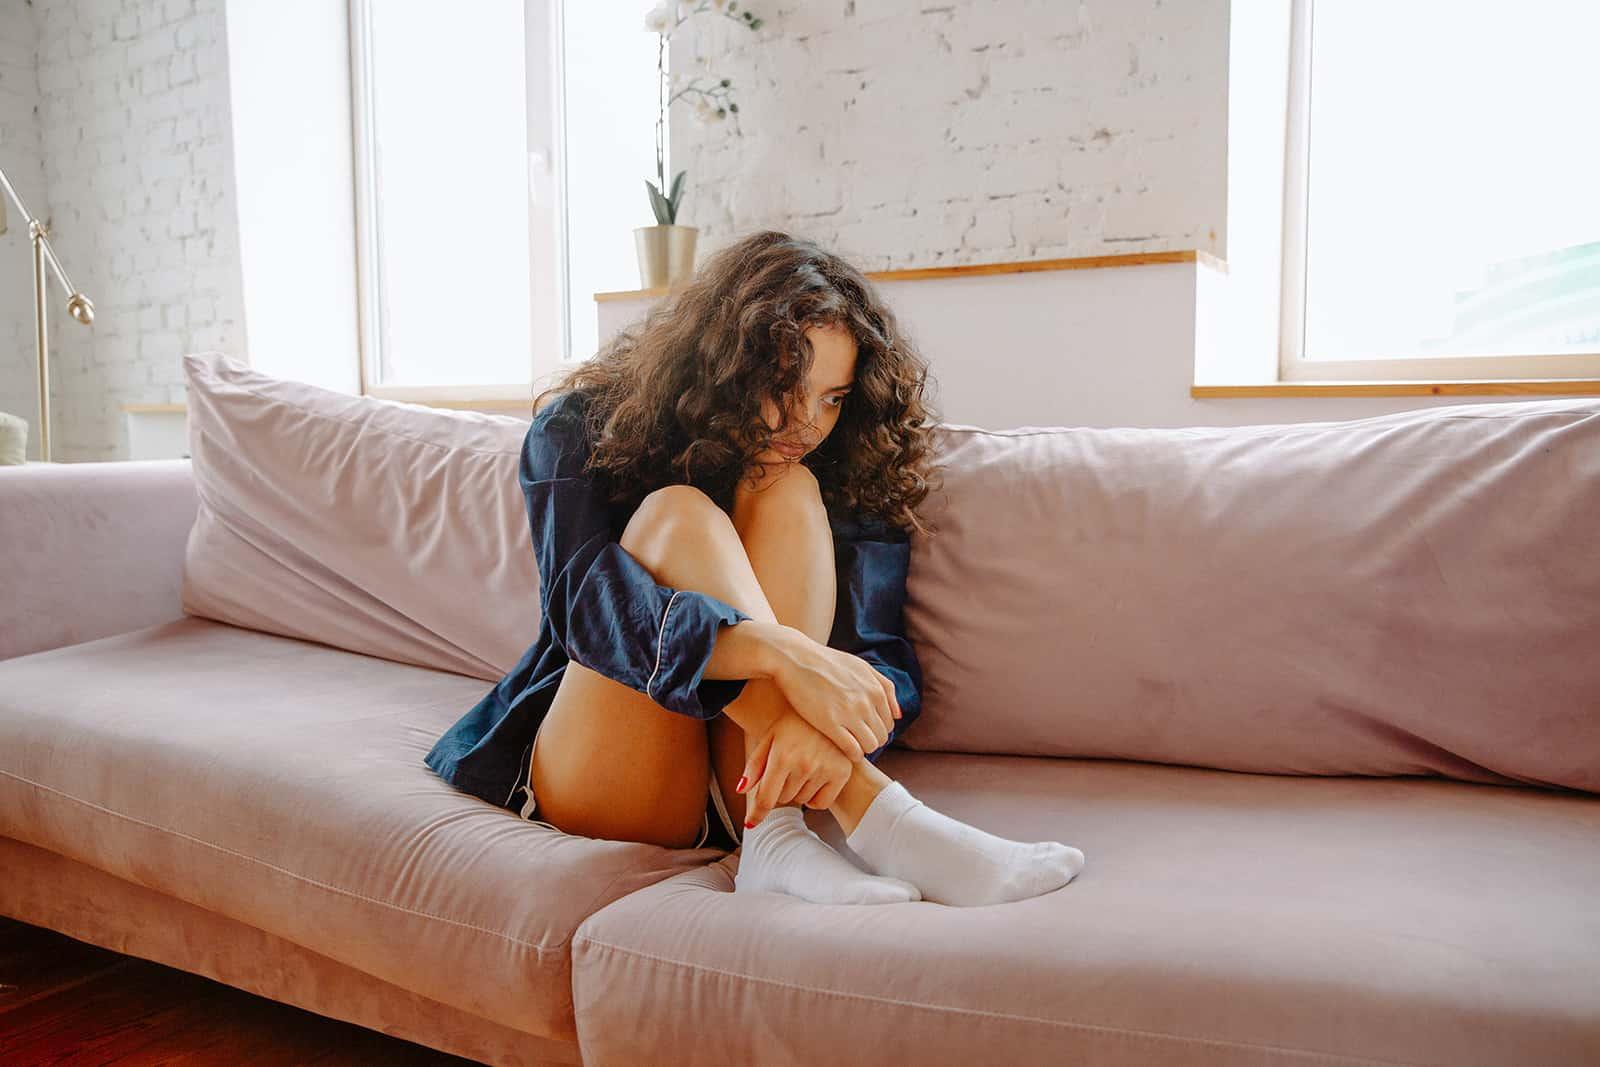 eine traurige Frau sitzt auf der Couch umarmte ihre Knie